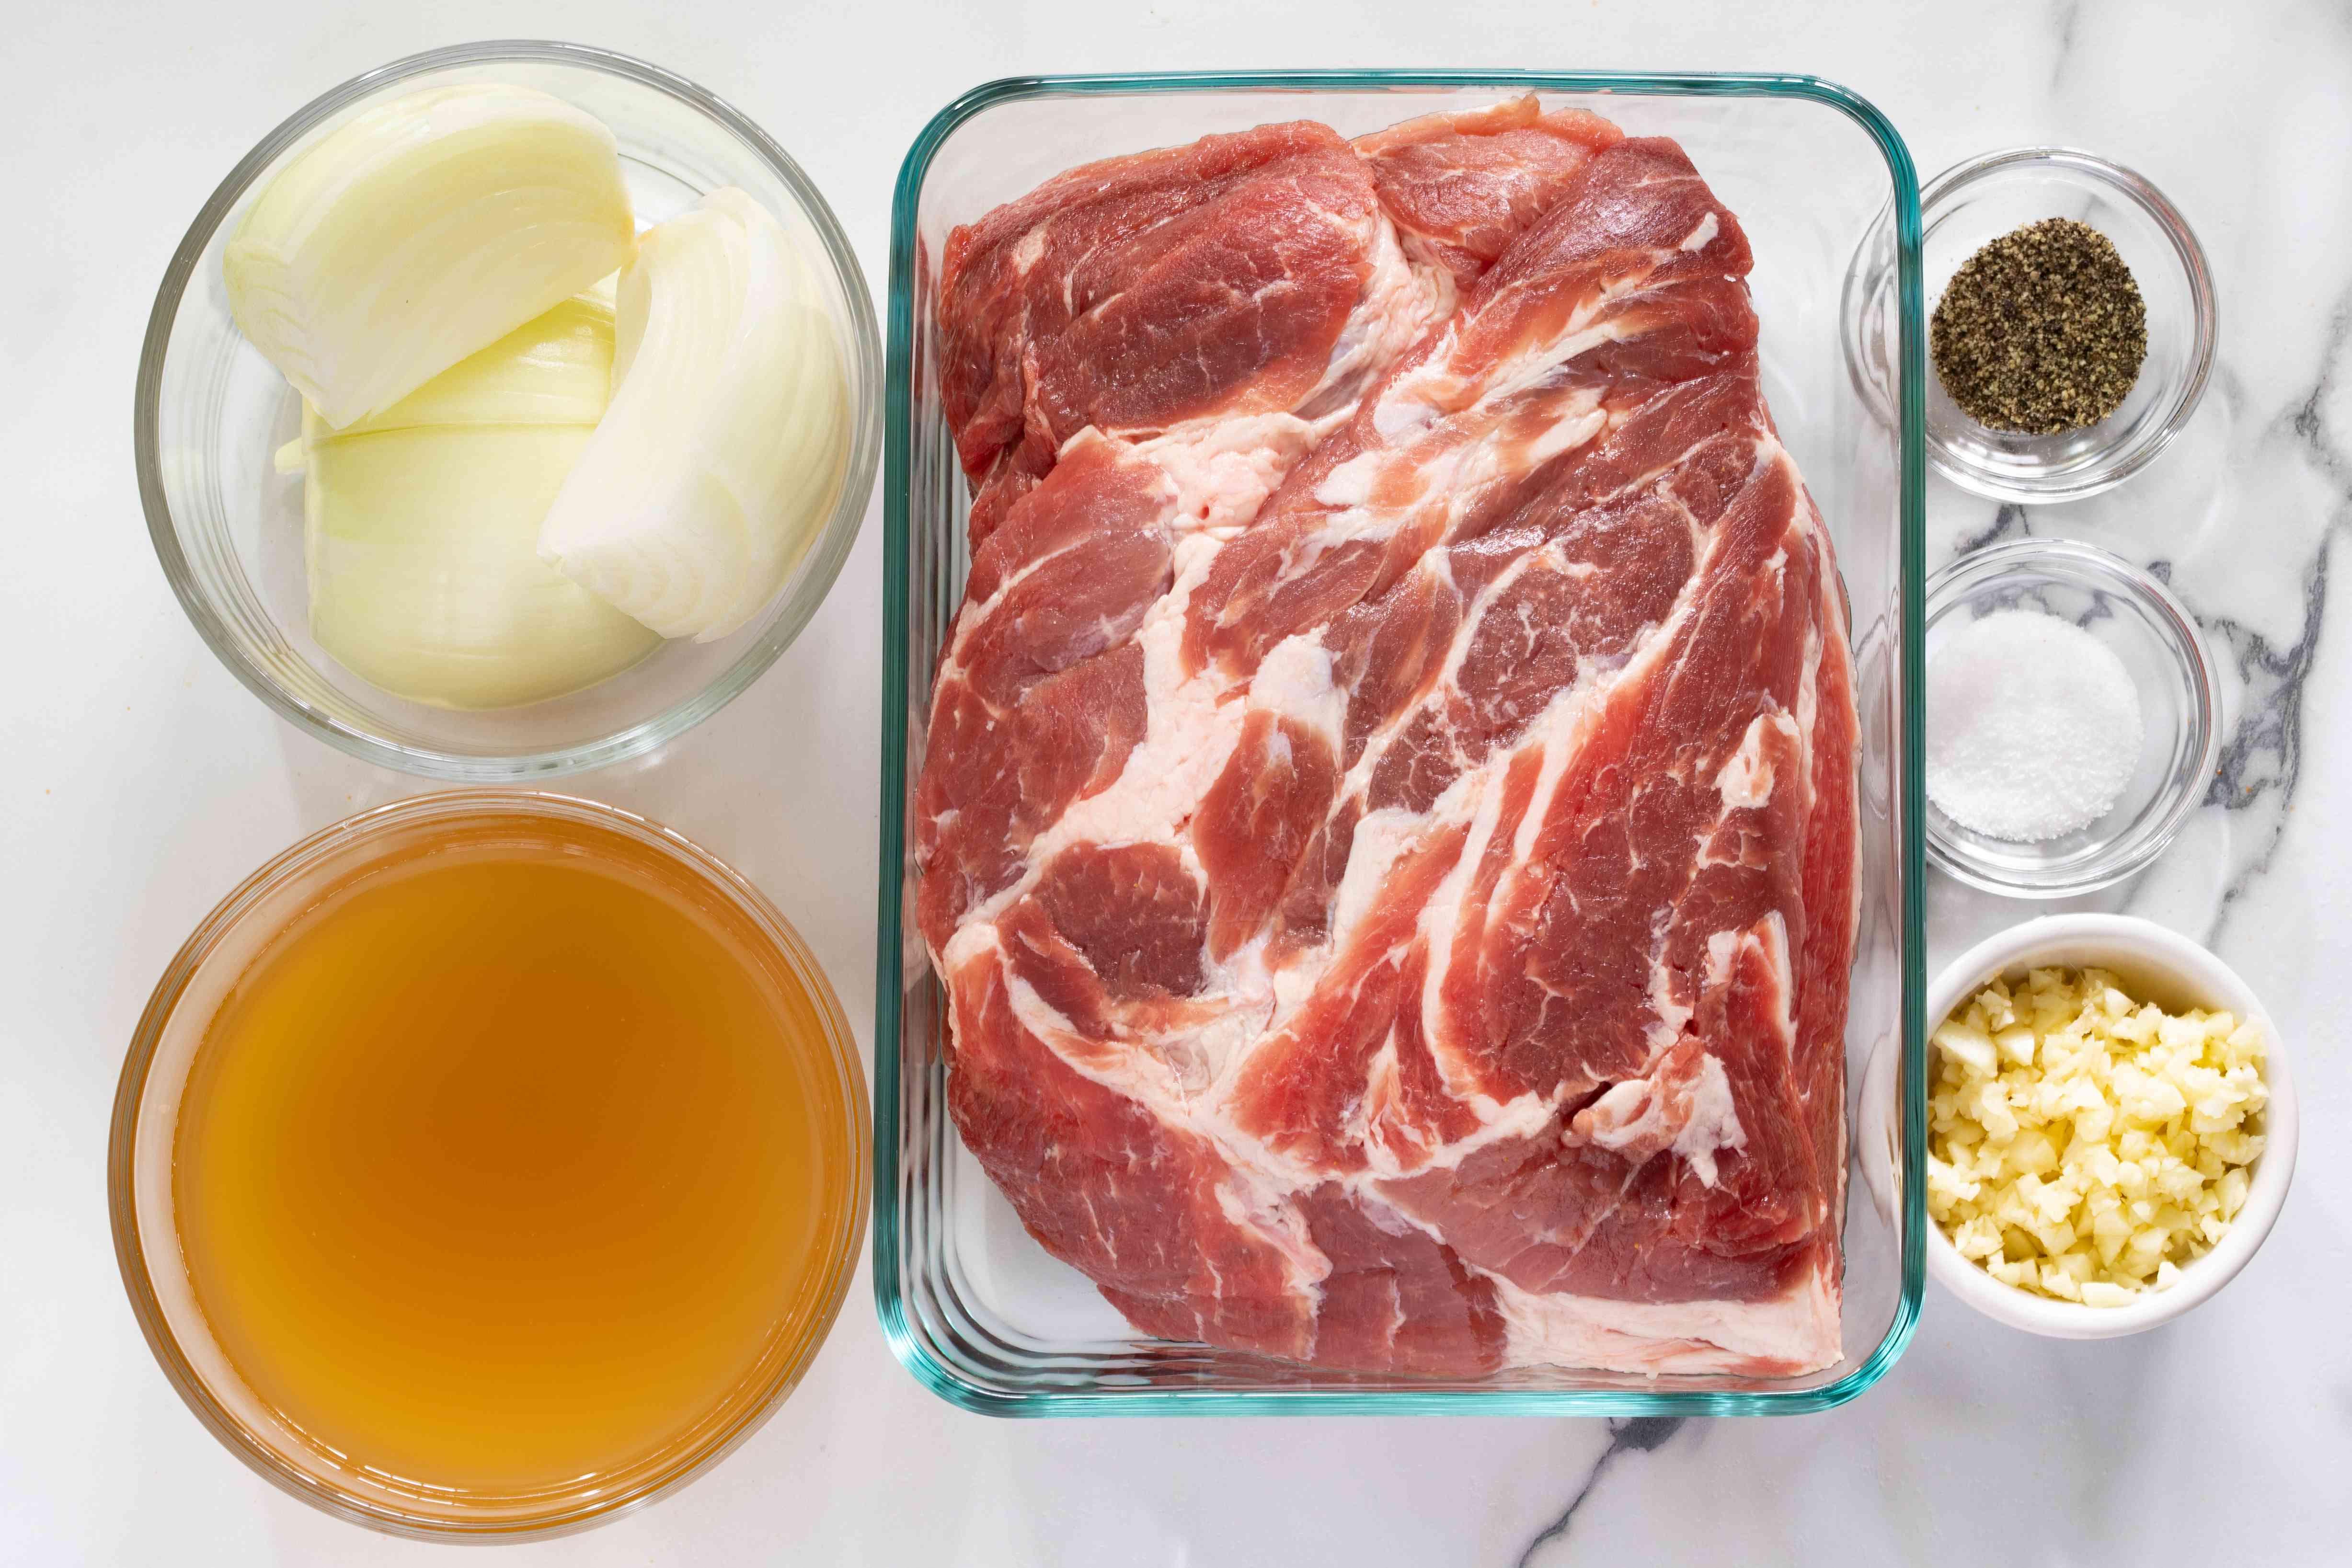 Ingredients for Instant Pot pork shoulder